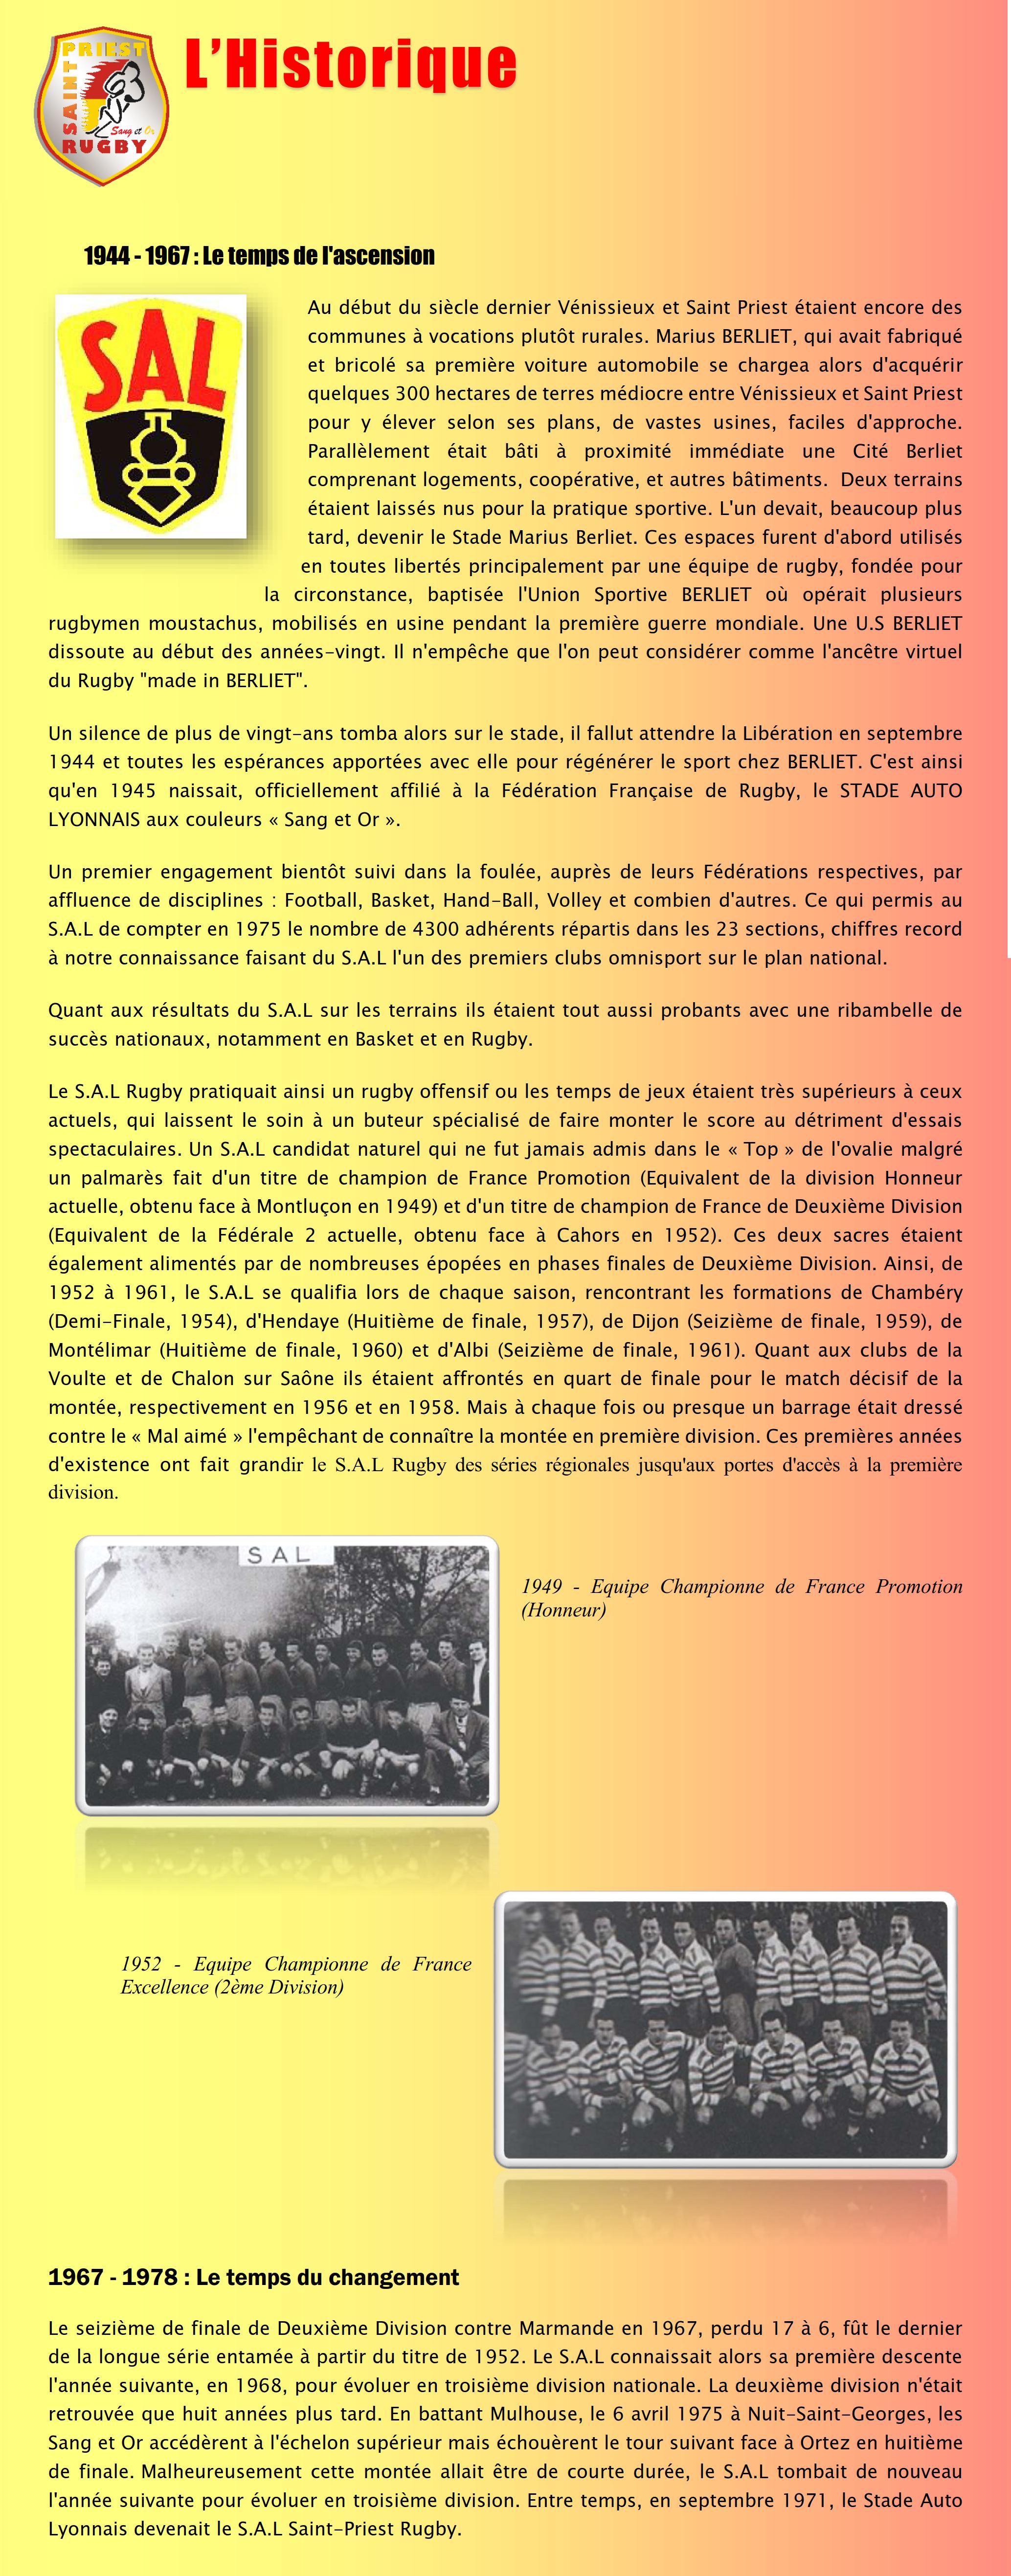 SPR - L'historique1.png